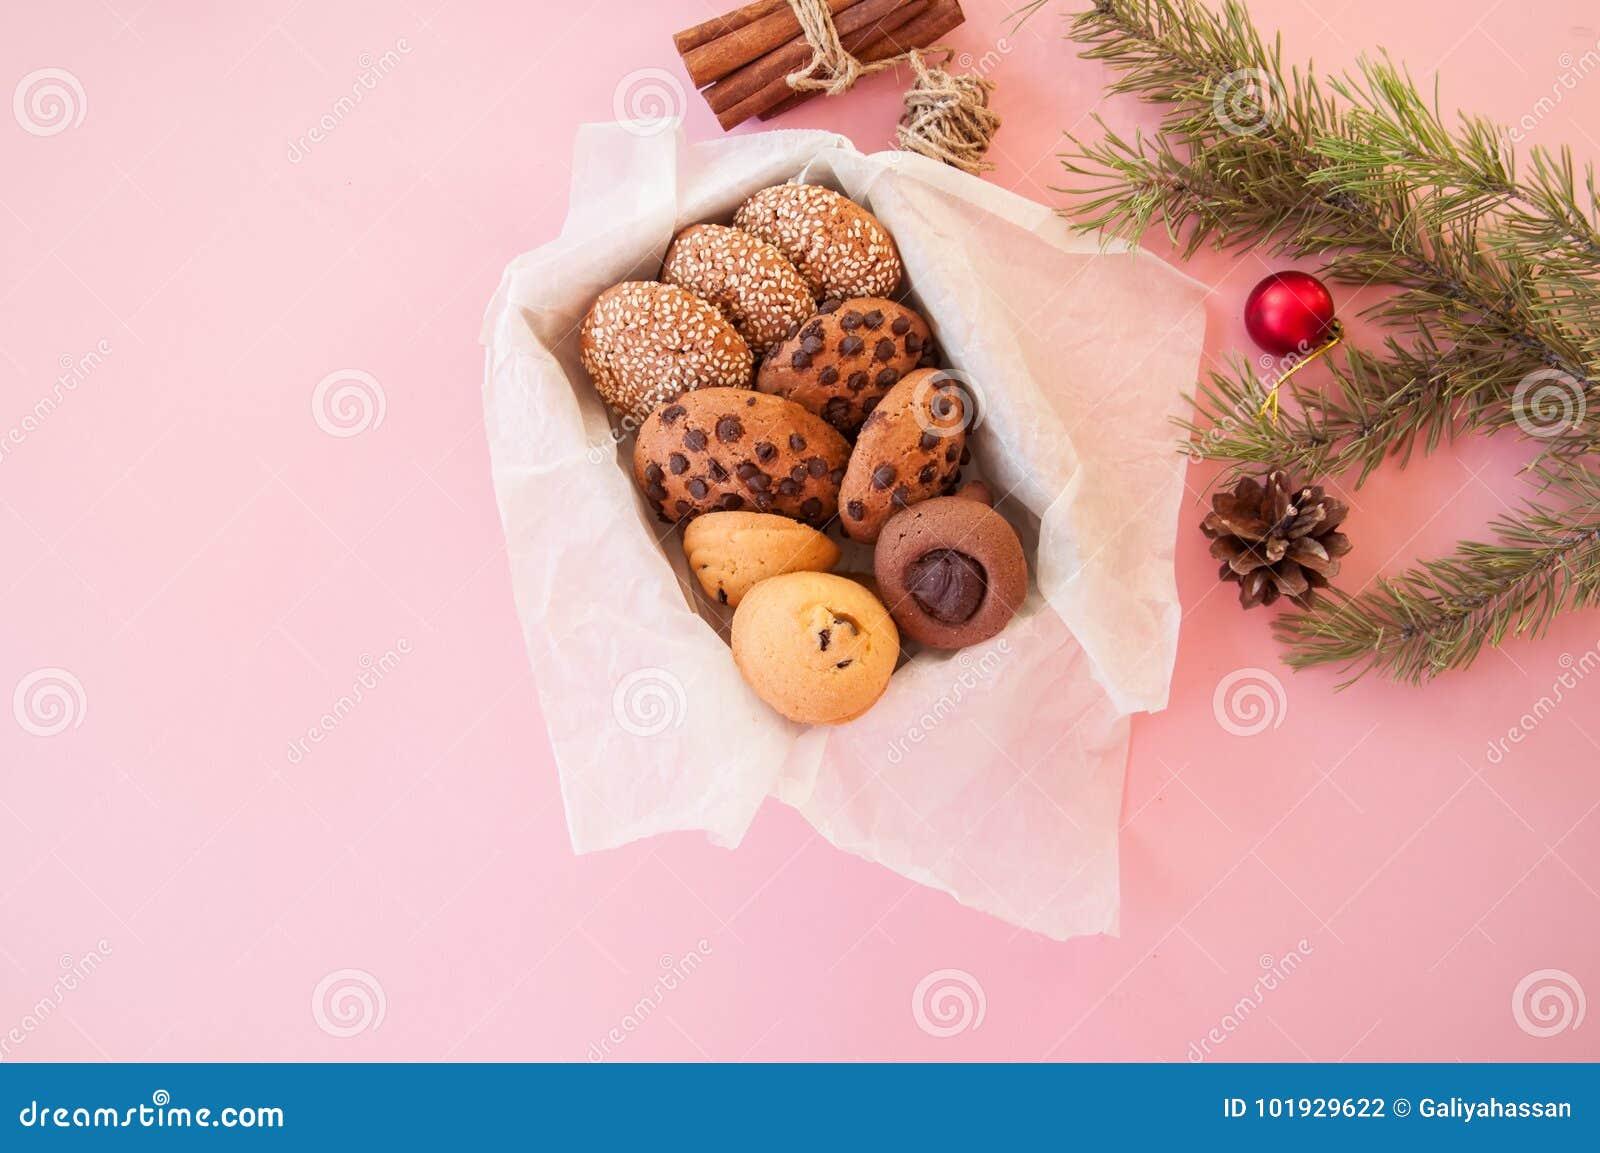 Christmas cookies gift box. Homemade festive baking concept, fir